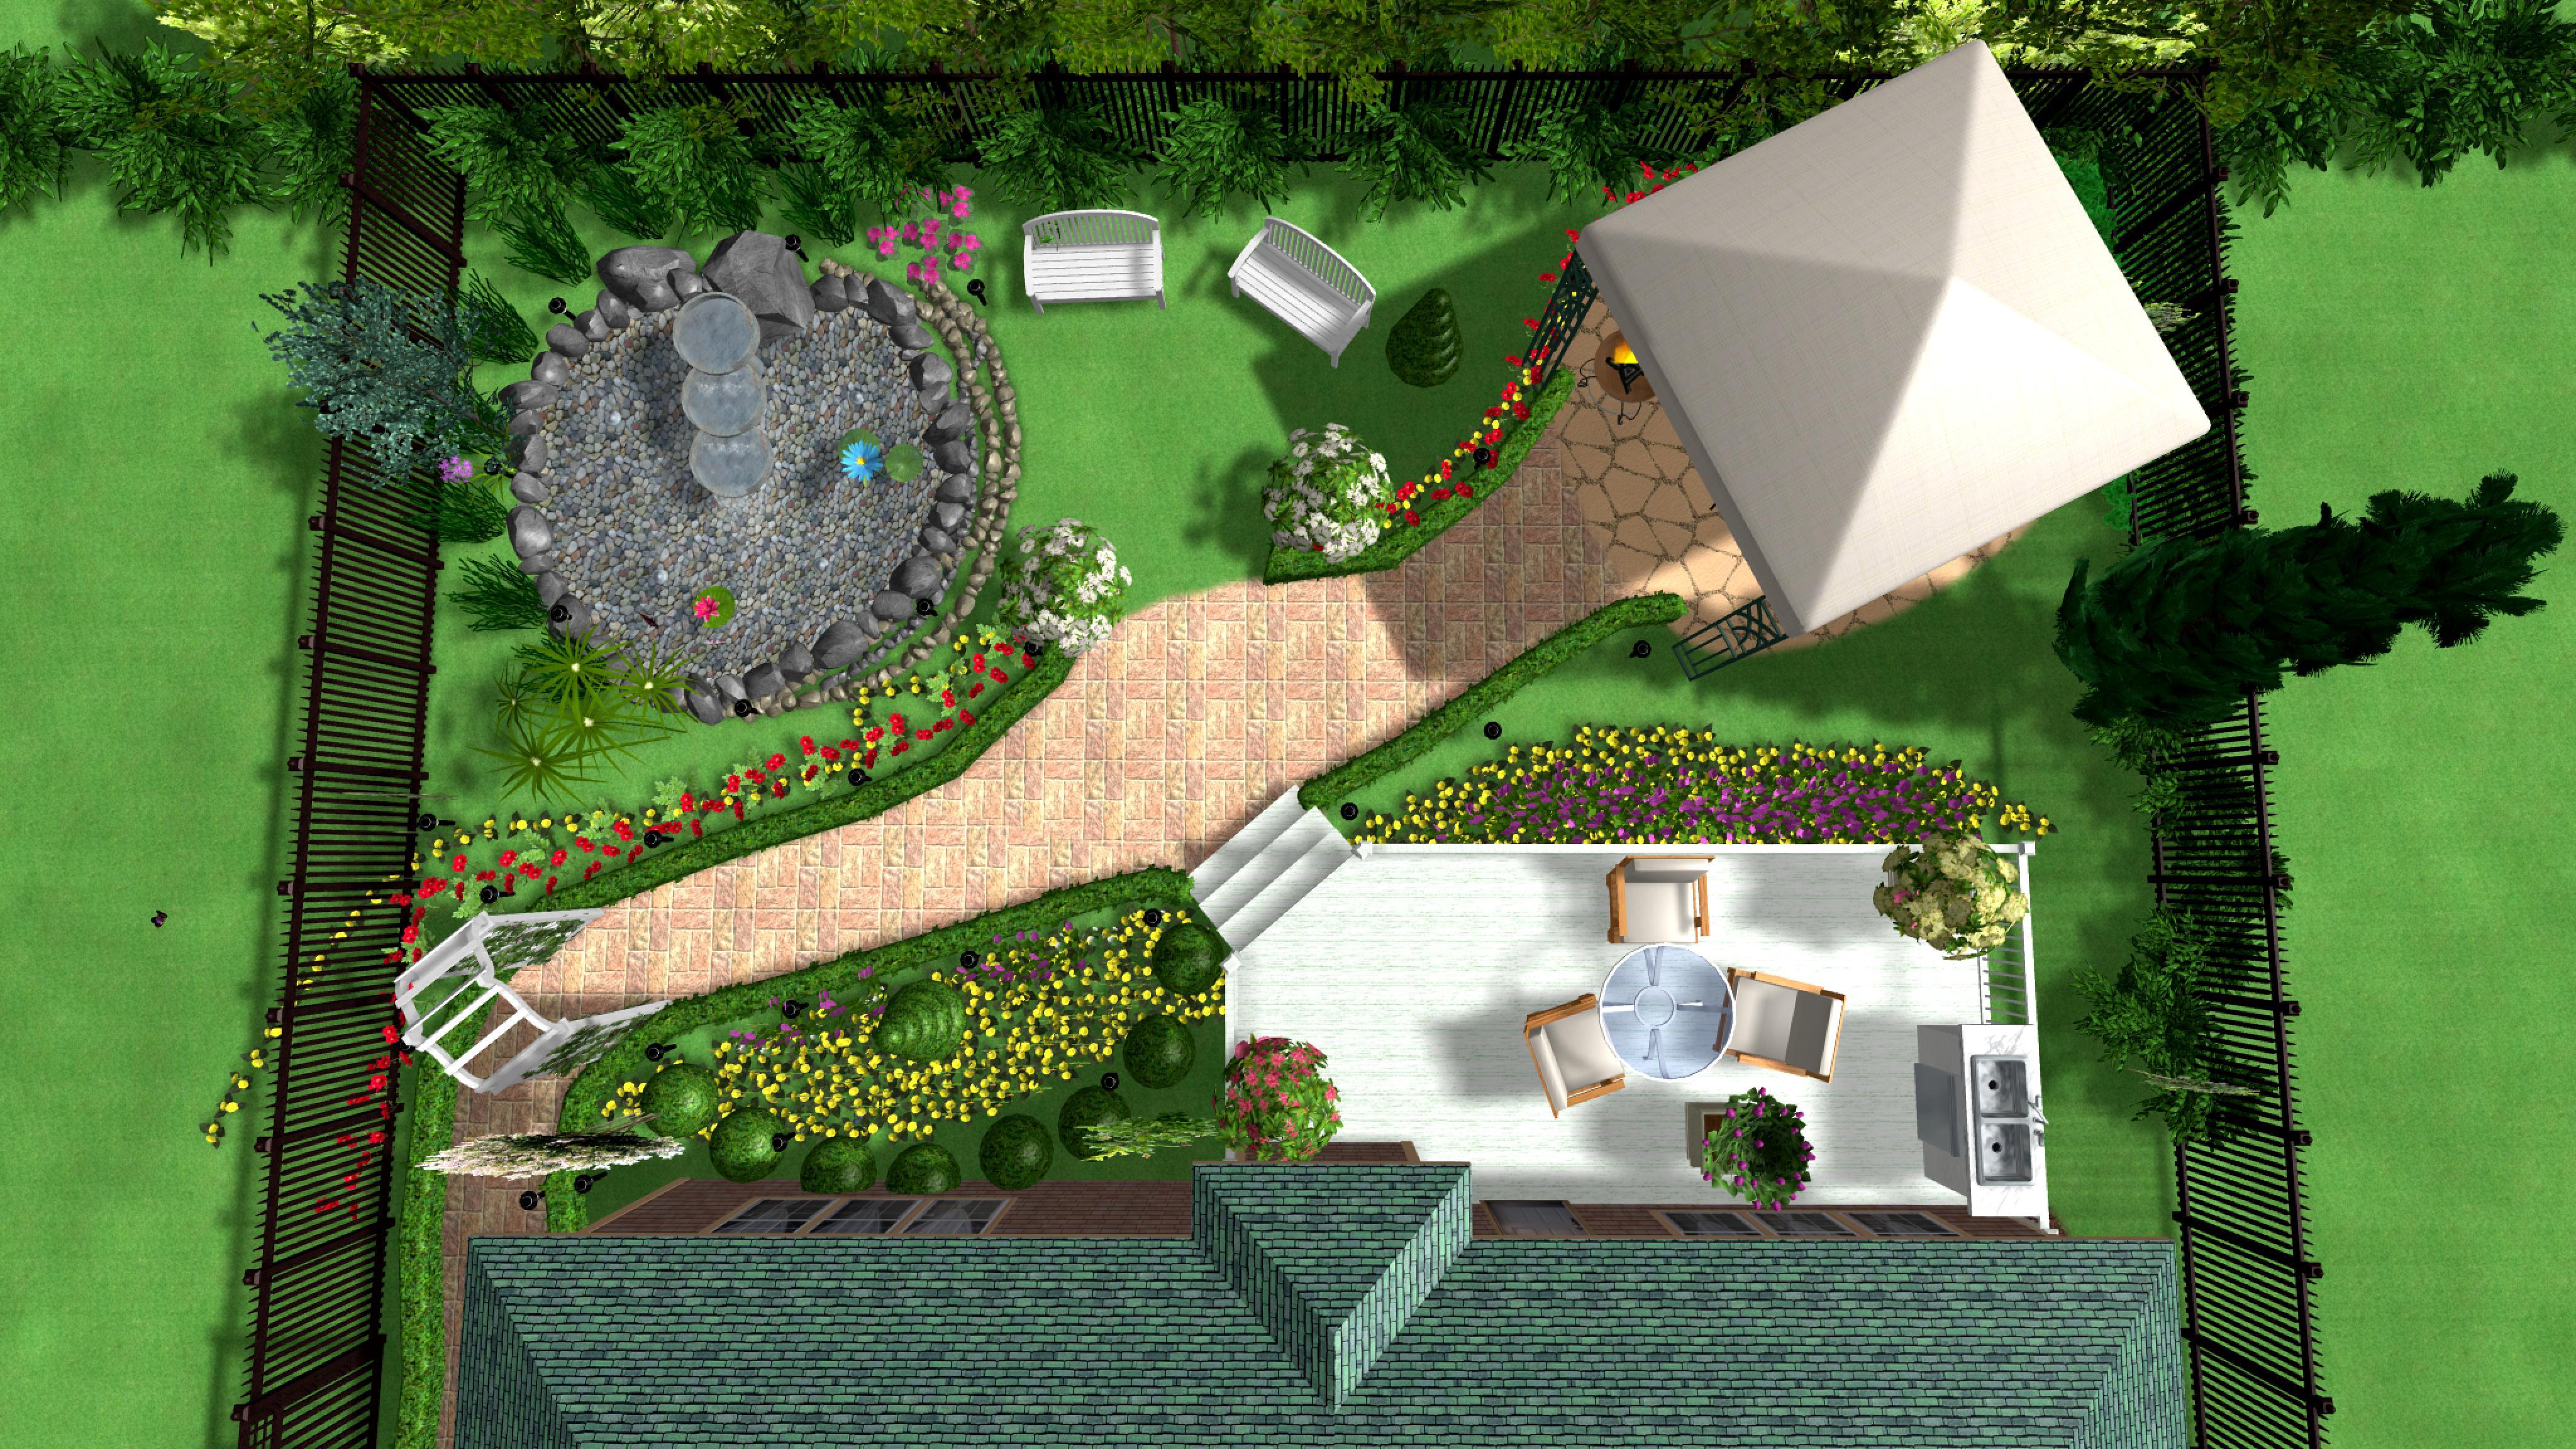 Планировка участка 10 соток: фото, проекты с домом, баней и гаражом, ландшафтный дизайн, схемы, готовые планы и чертежи, примеры территории прямоугольной формы